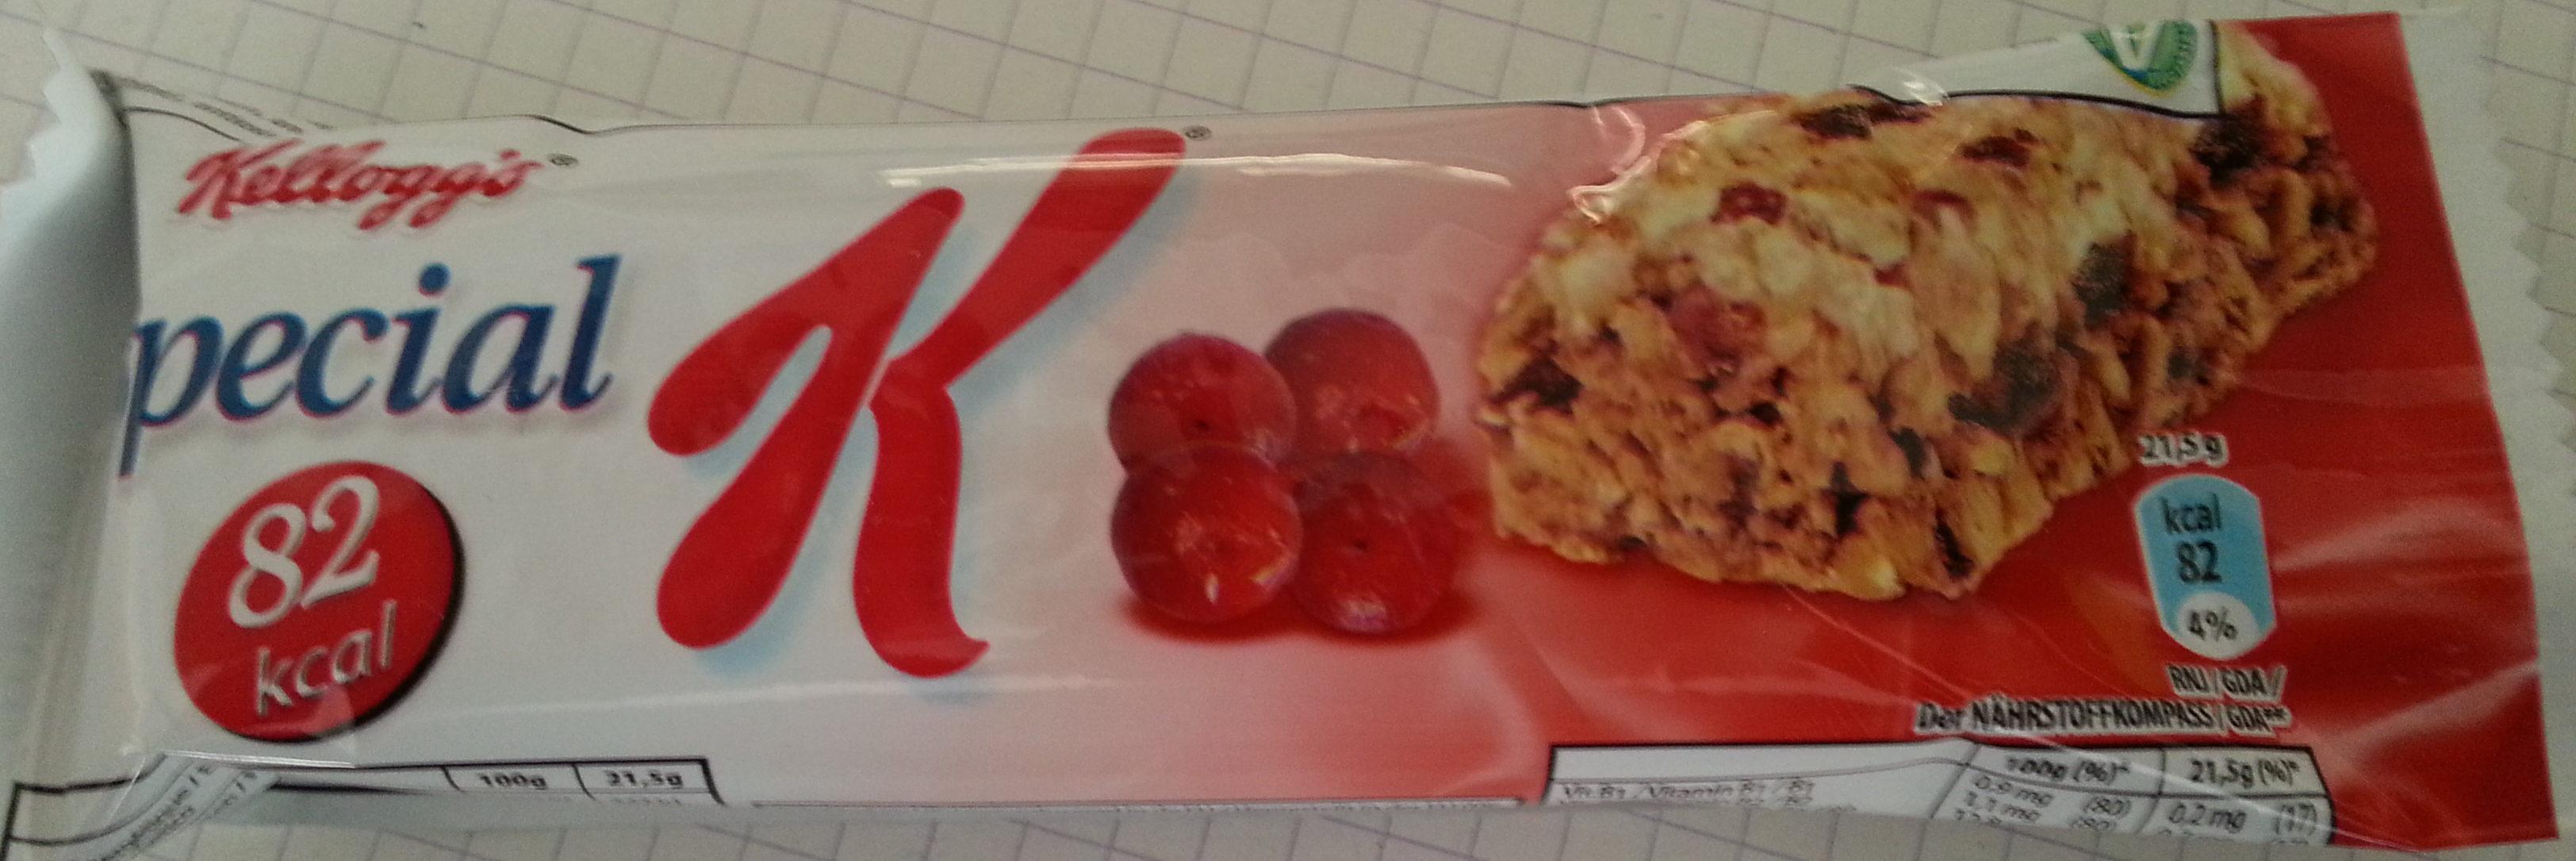 Spécial K Fruits Rouge - Produit - fr